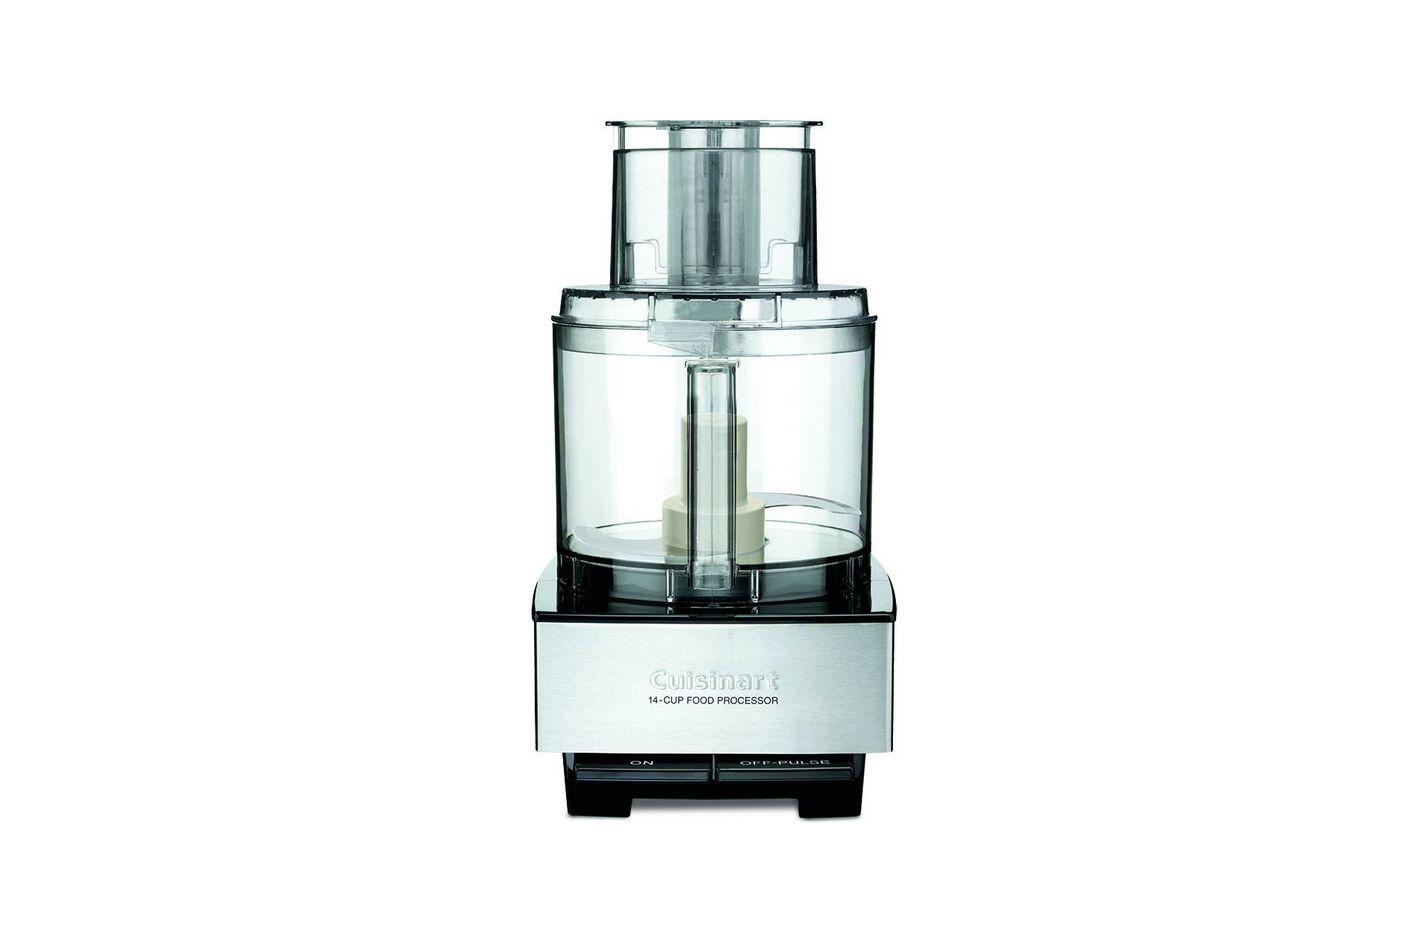 Cuisinart DFP-14BCNY 14-Cup Food Processor